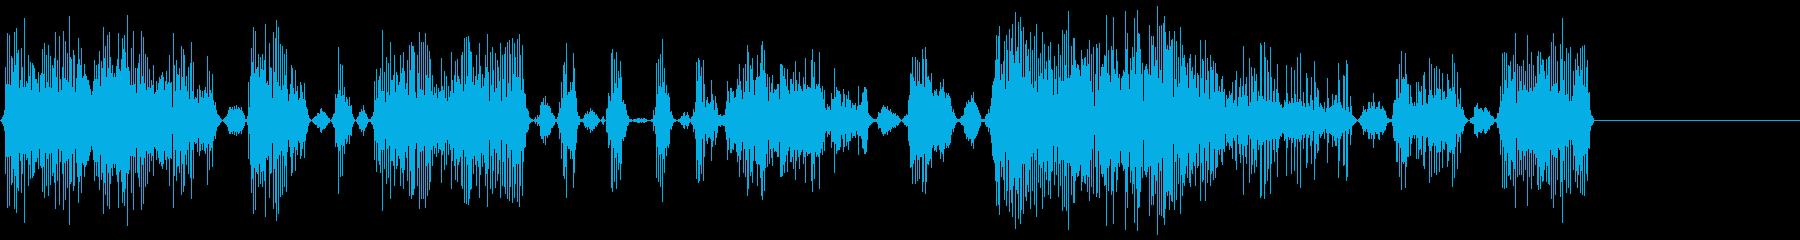 モンスターアングリー2の再生済みの波形